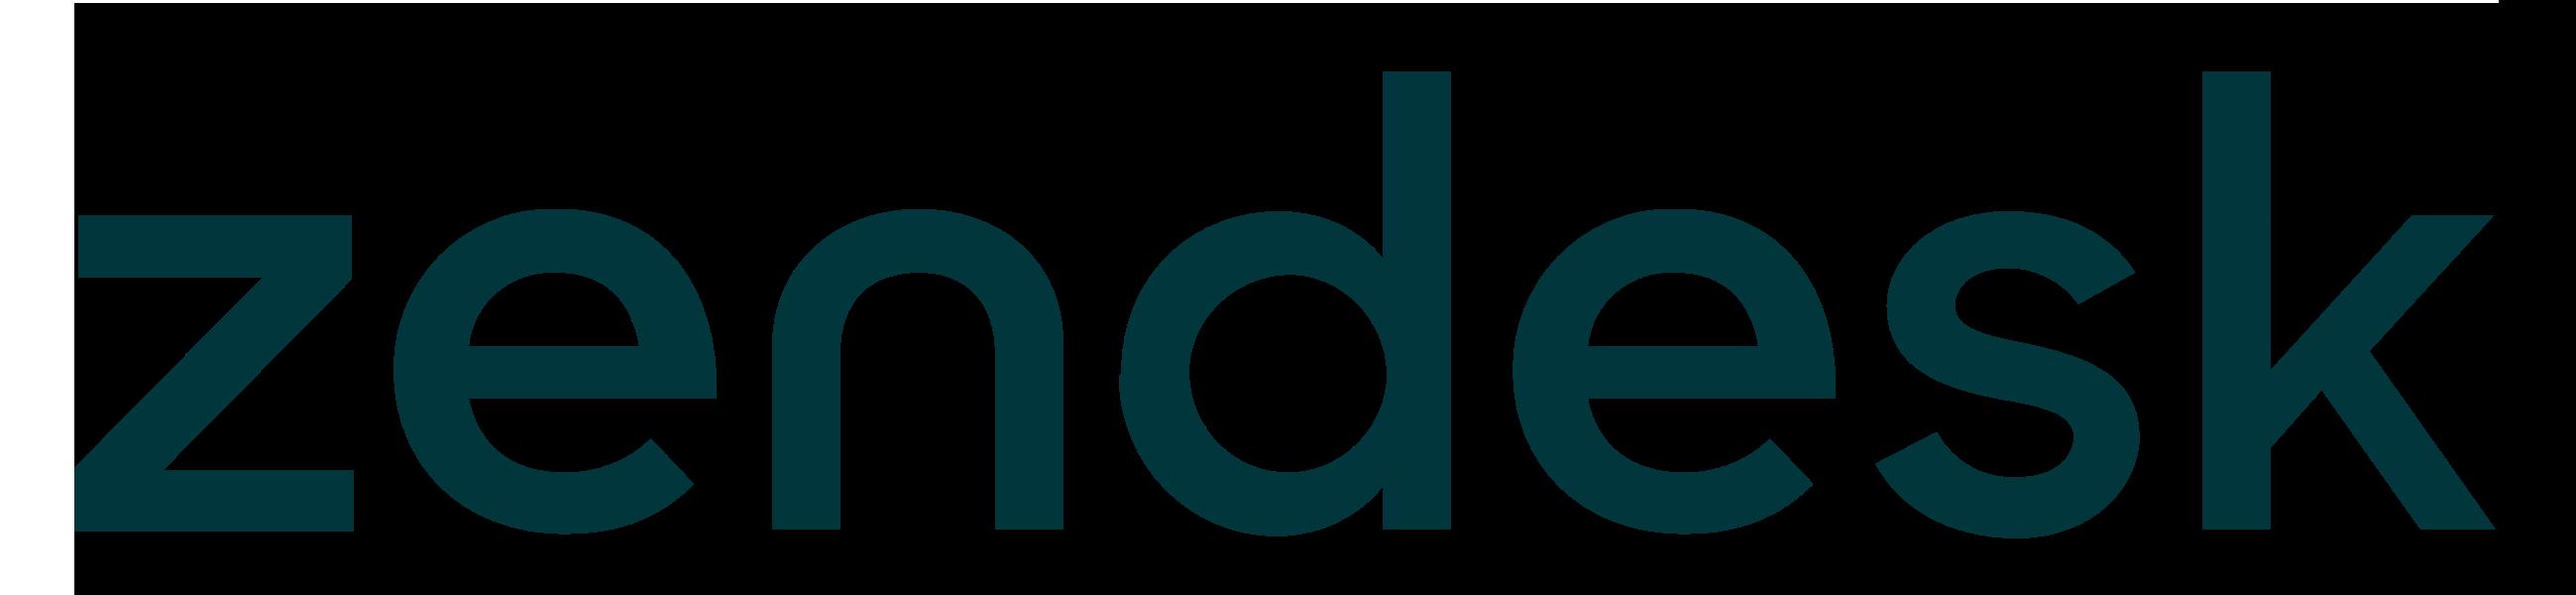 Zendesk_logo_wordmark.png